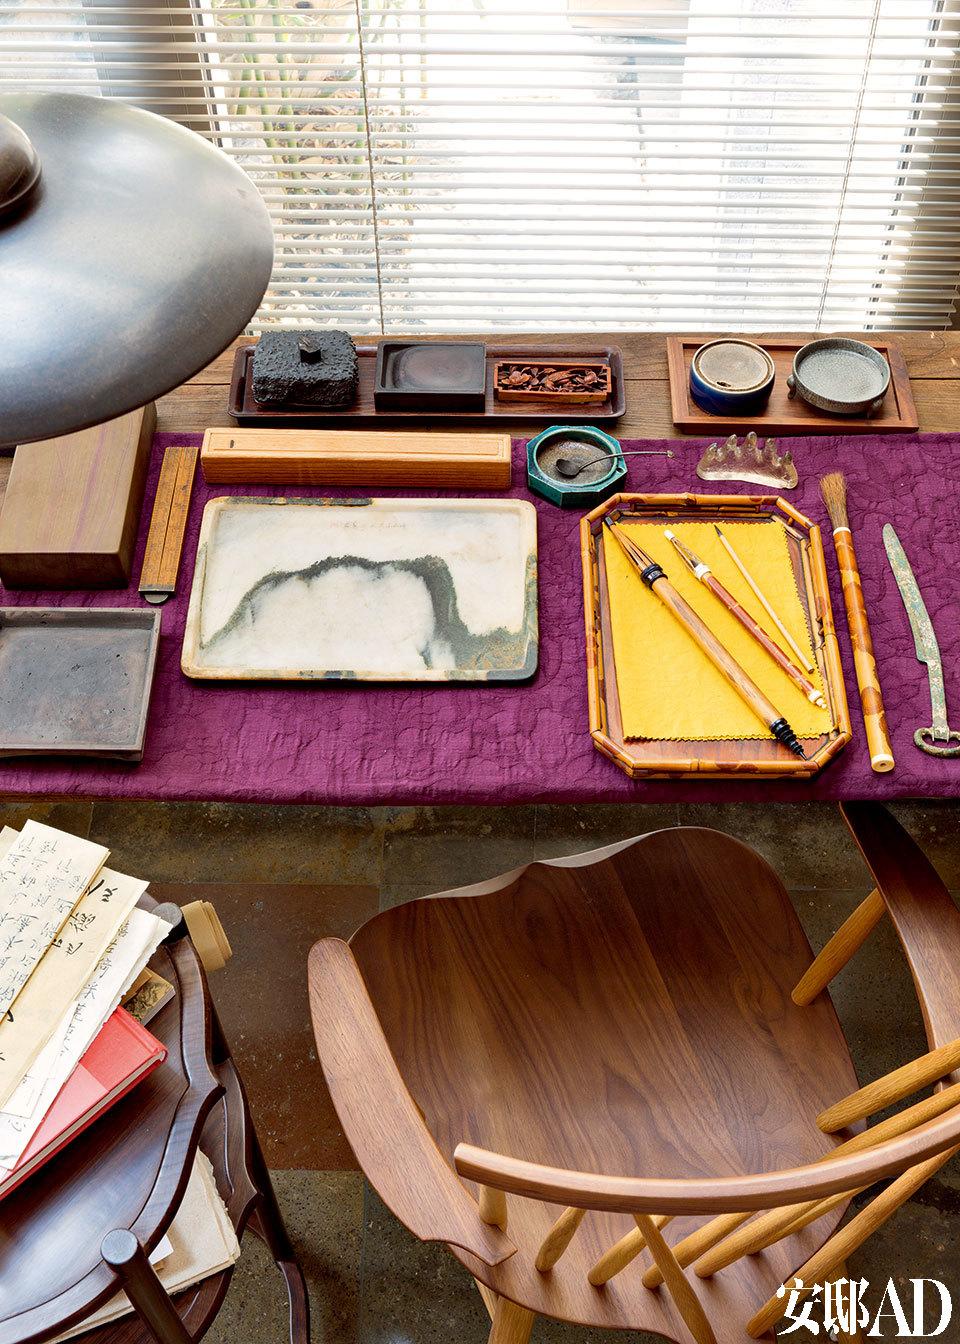 书房一角。淡勃喜欢收藏古代书画,自己也写字画画,尤其对古代的纸笔研究深入。图上的正是他自己动手制作的纸和笔,取得了不小成果。